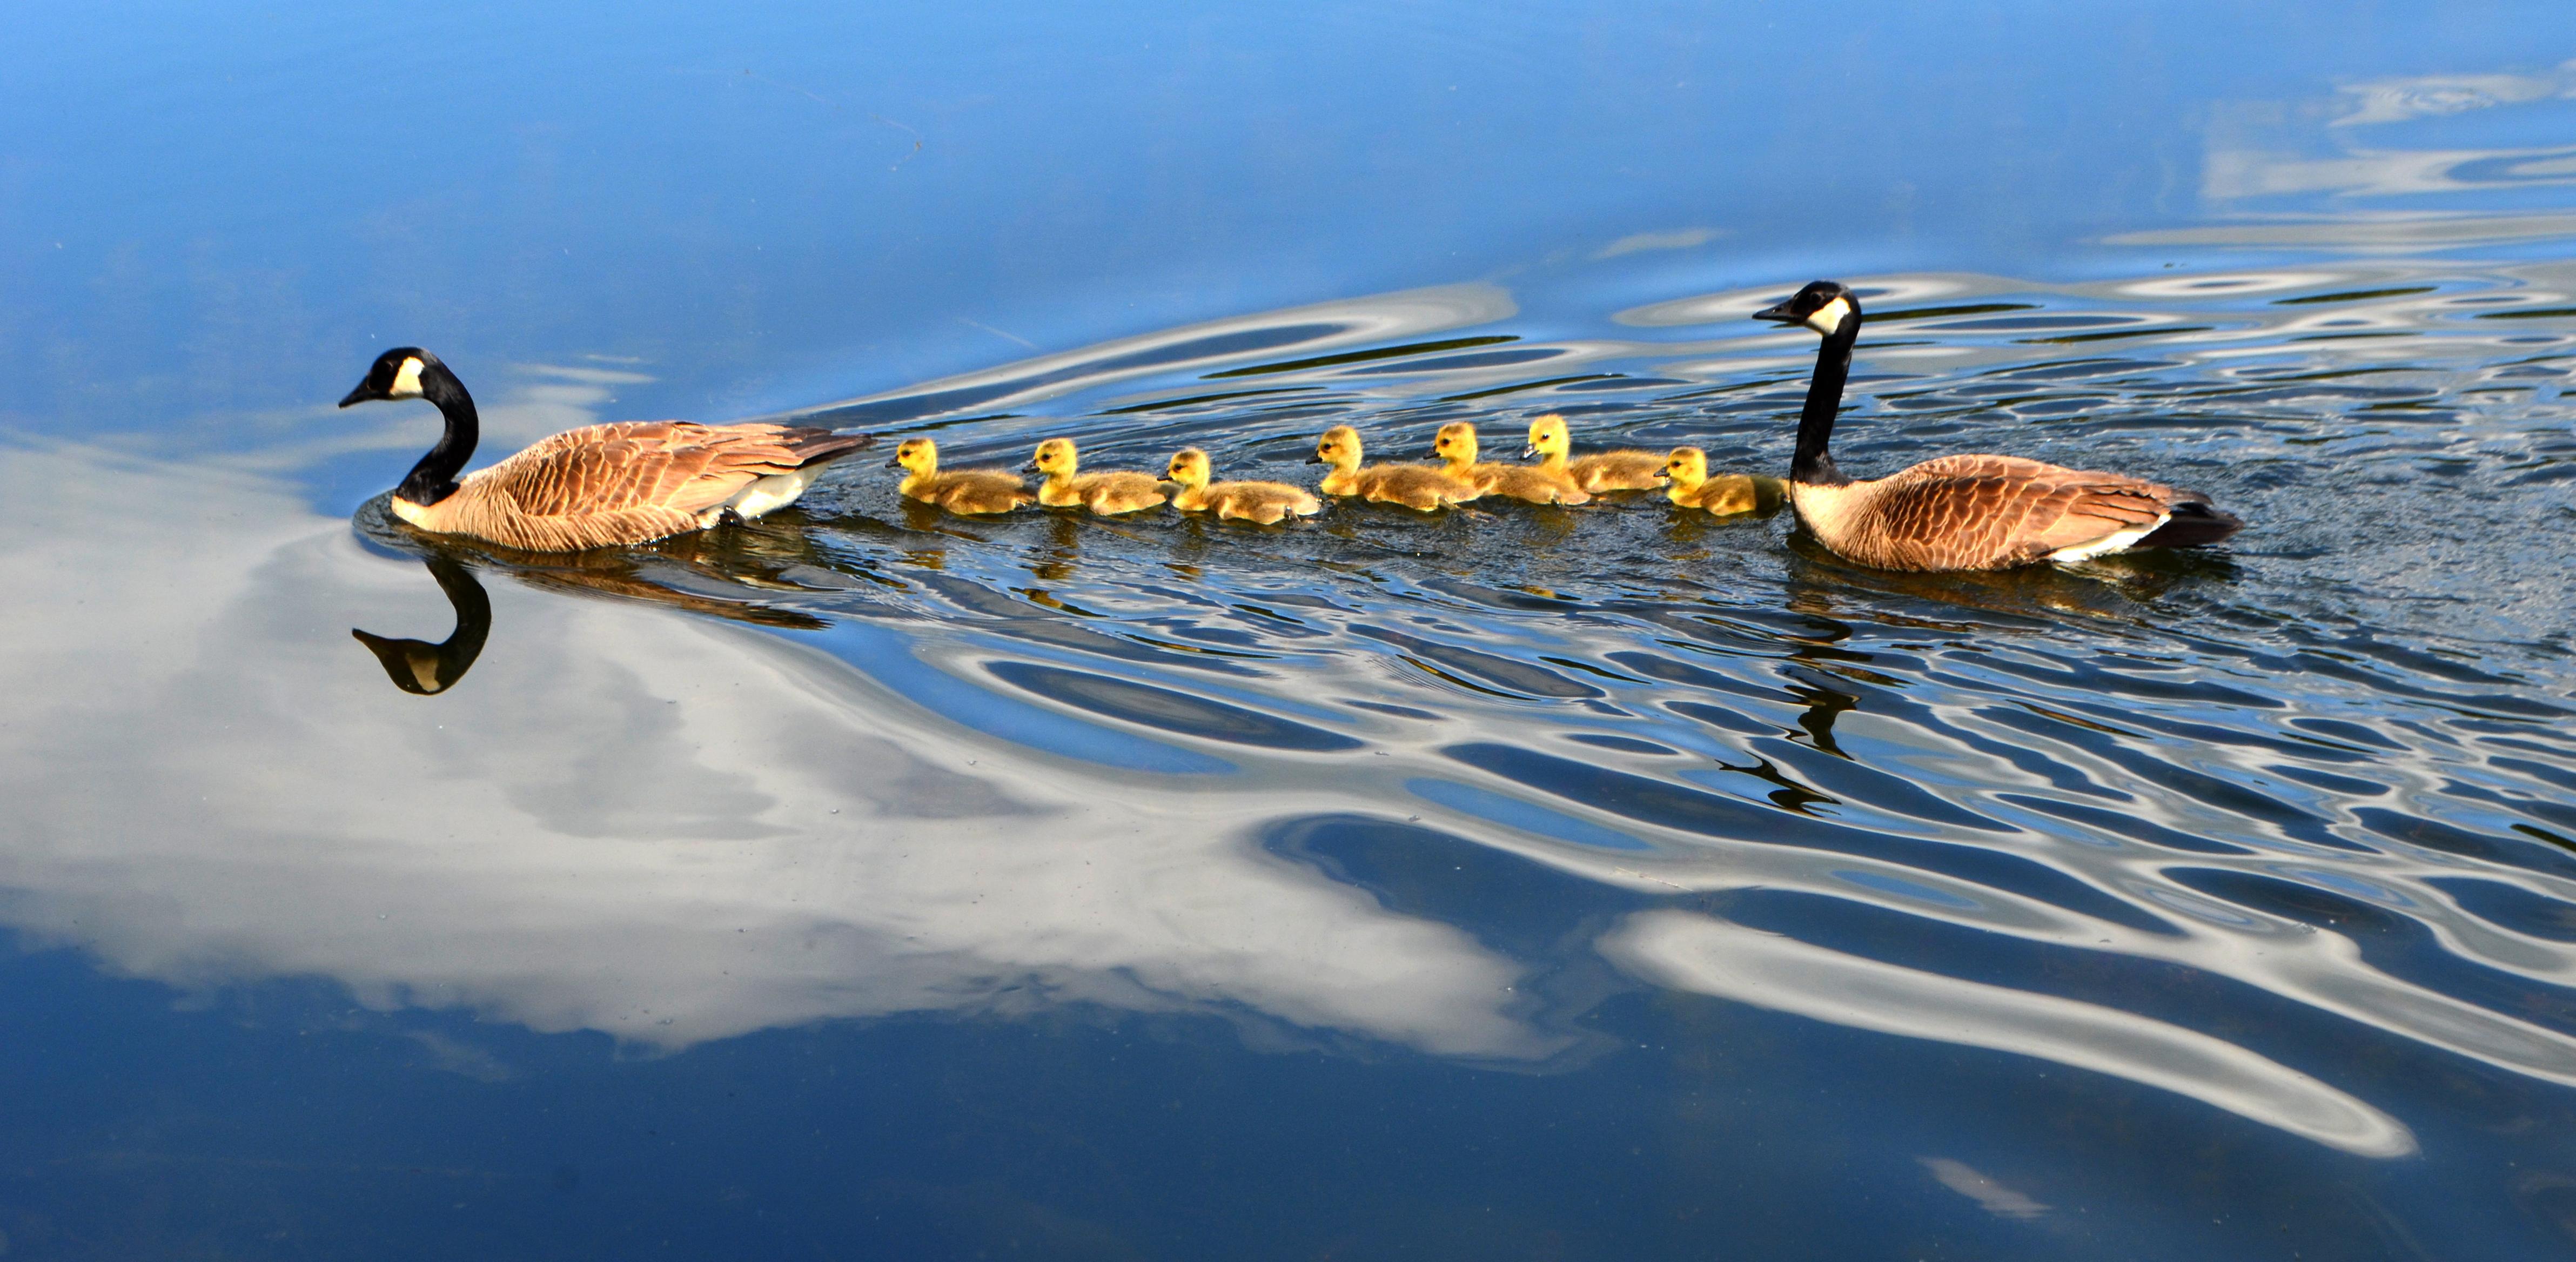 Familia de patos nadando en el lago - 4768x2336